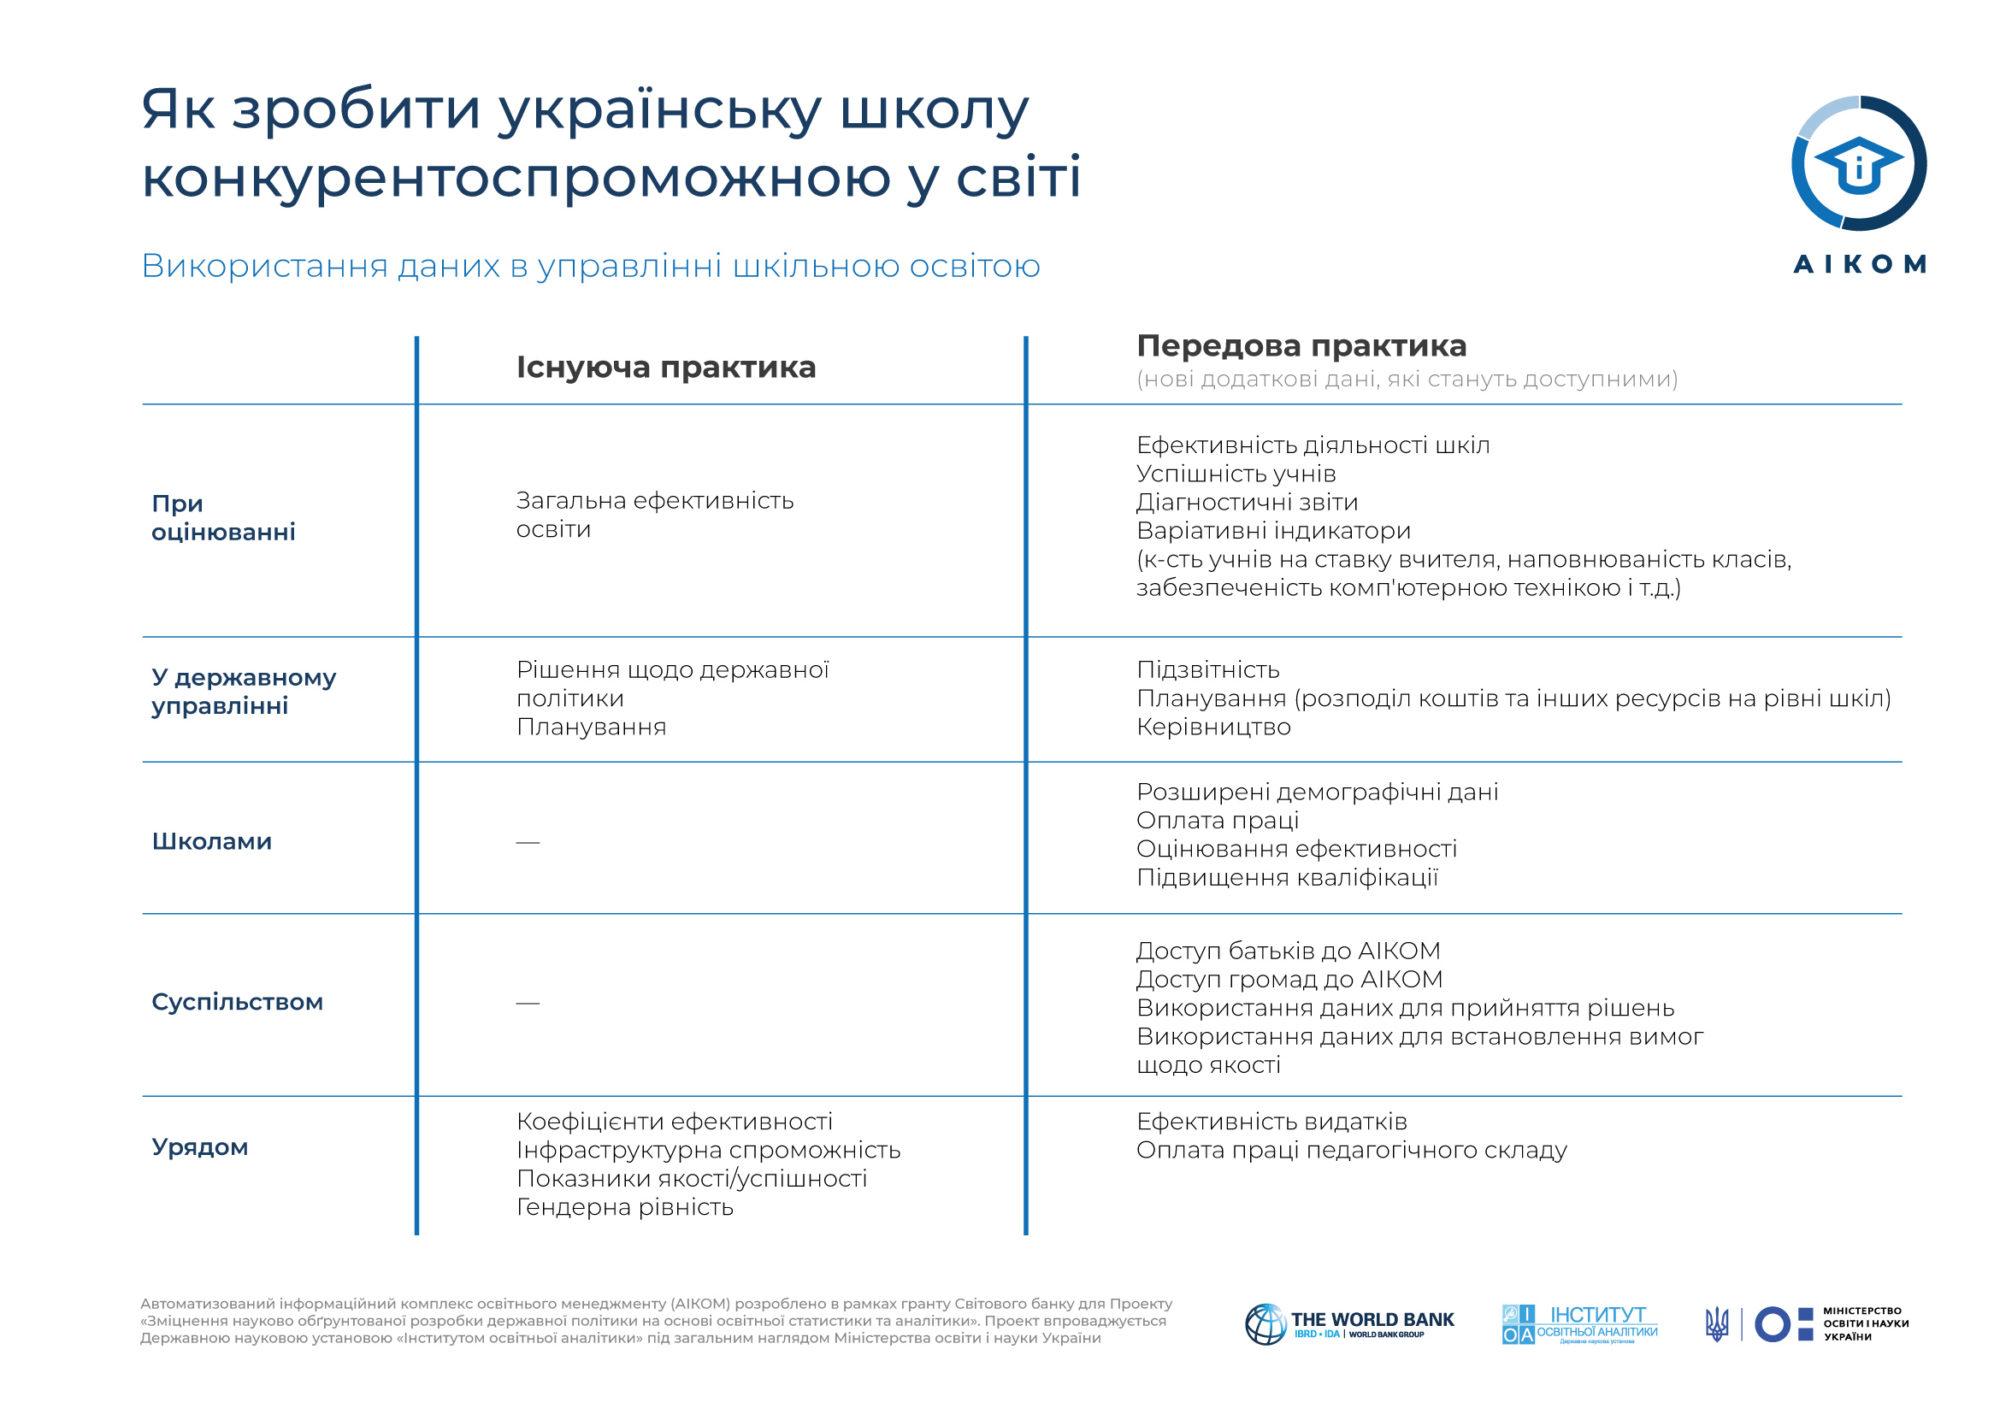 Освітні інформаційні технології  як інструмент підвищення конкурентоспроможності української школи -  - Infografika 2 2000x1414